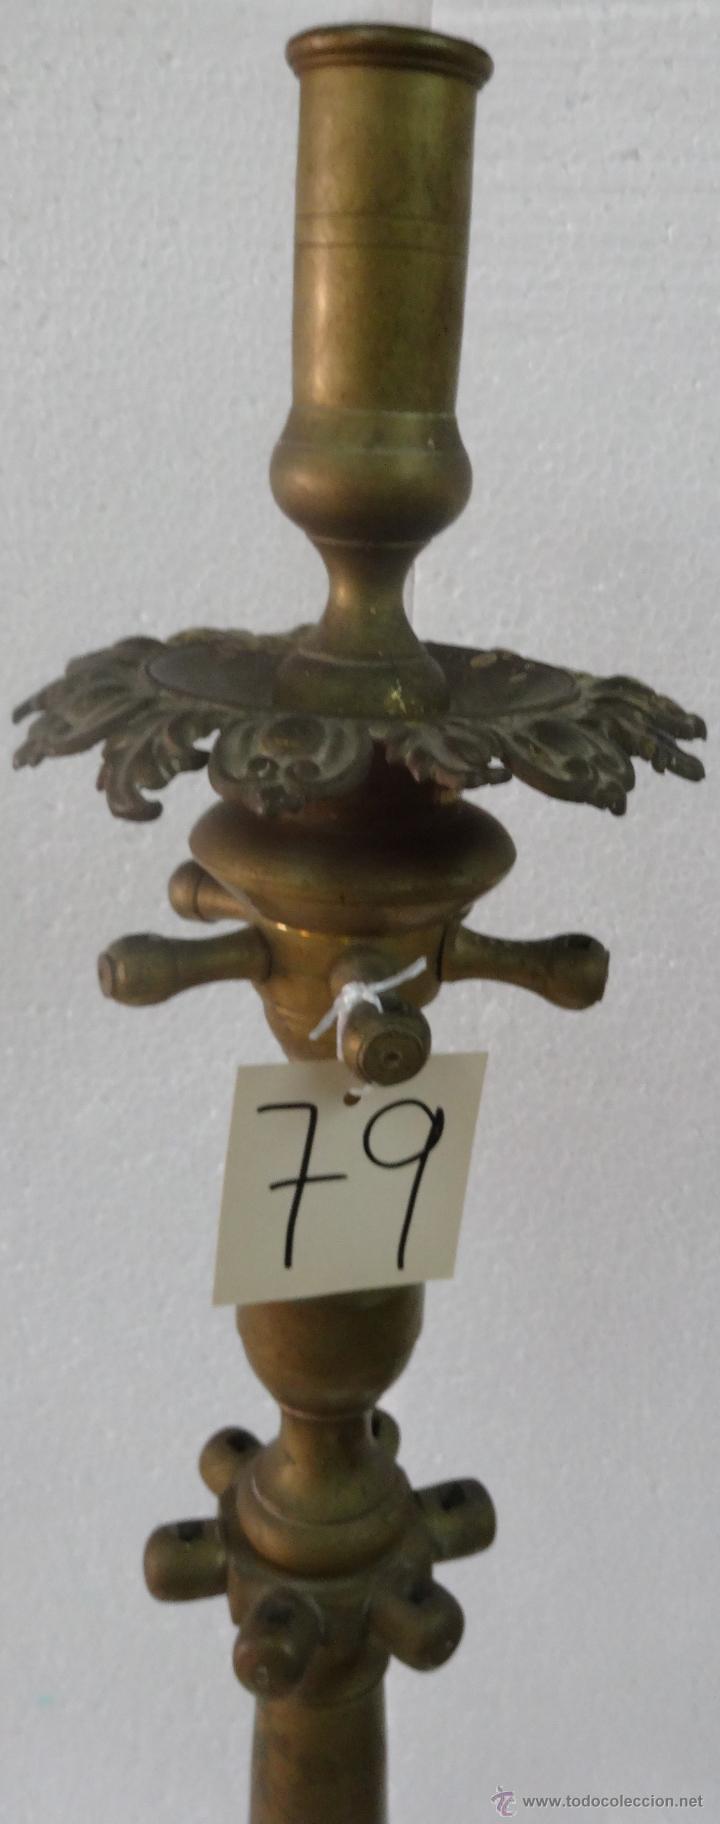 Antigüedades: CANDELABRO DE PIE SIGLO XIX-79 - Foto 6 - 43449594